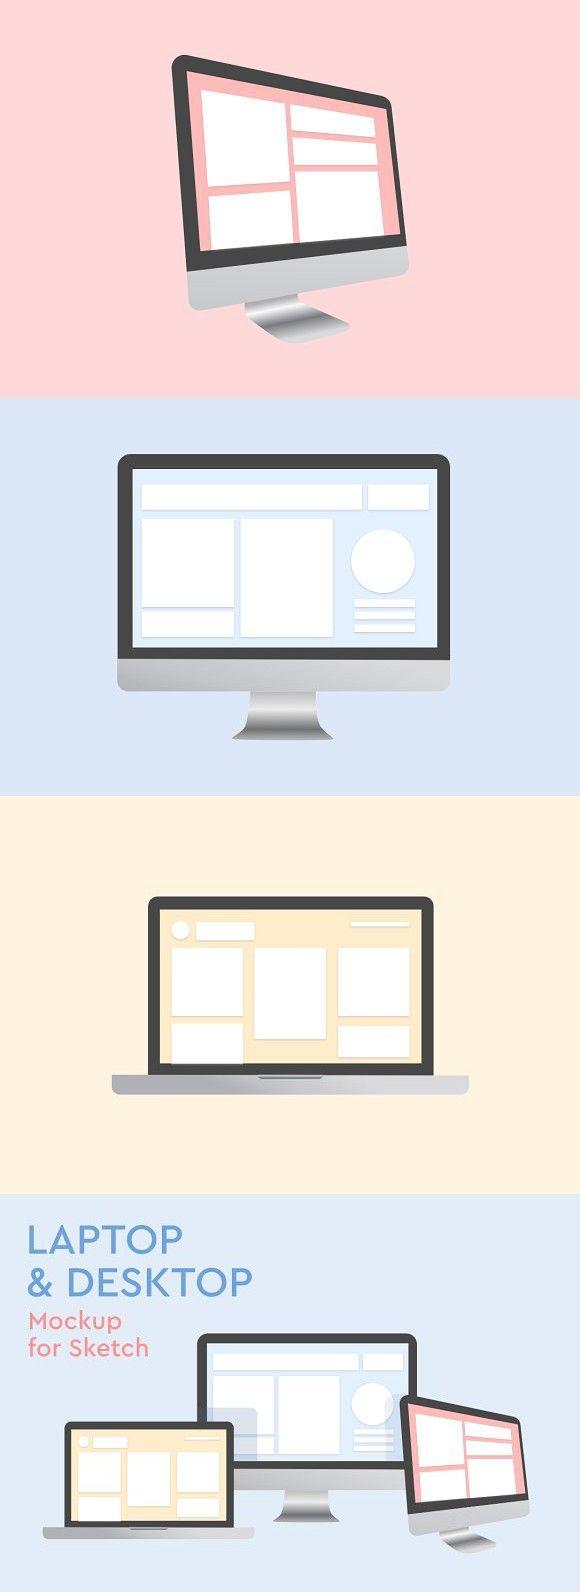 Laptop And Desktop Mockup For Sketch Mockup Branding Mockups Online Design